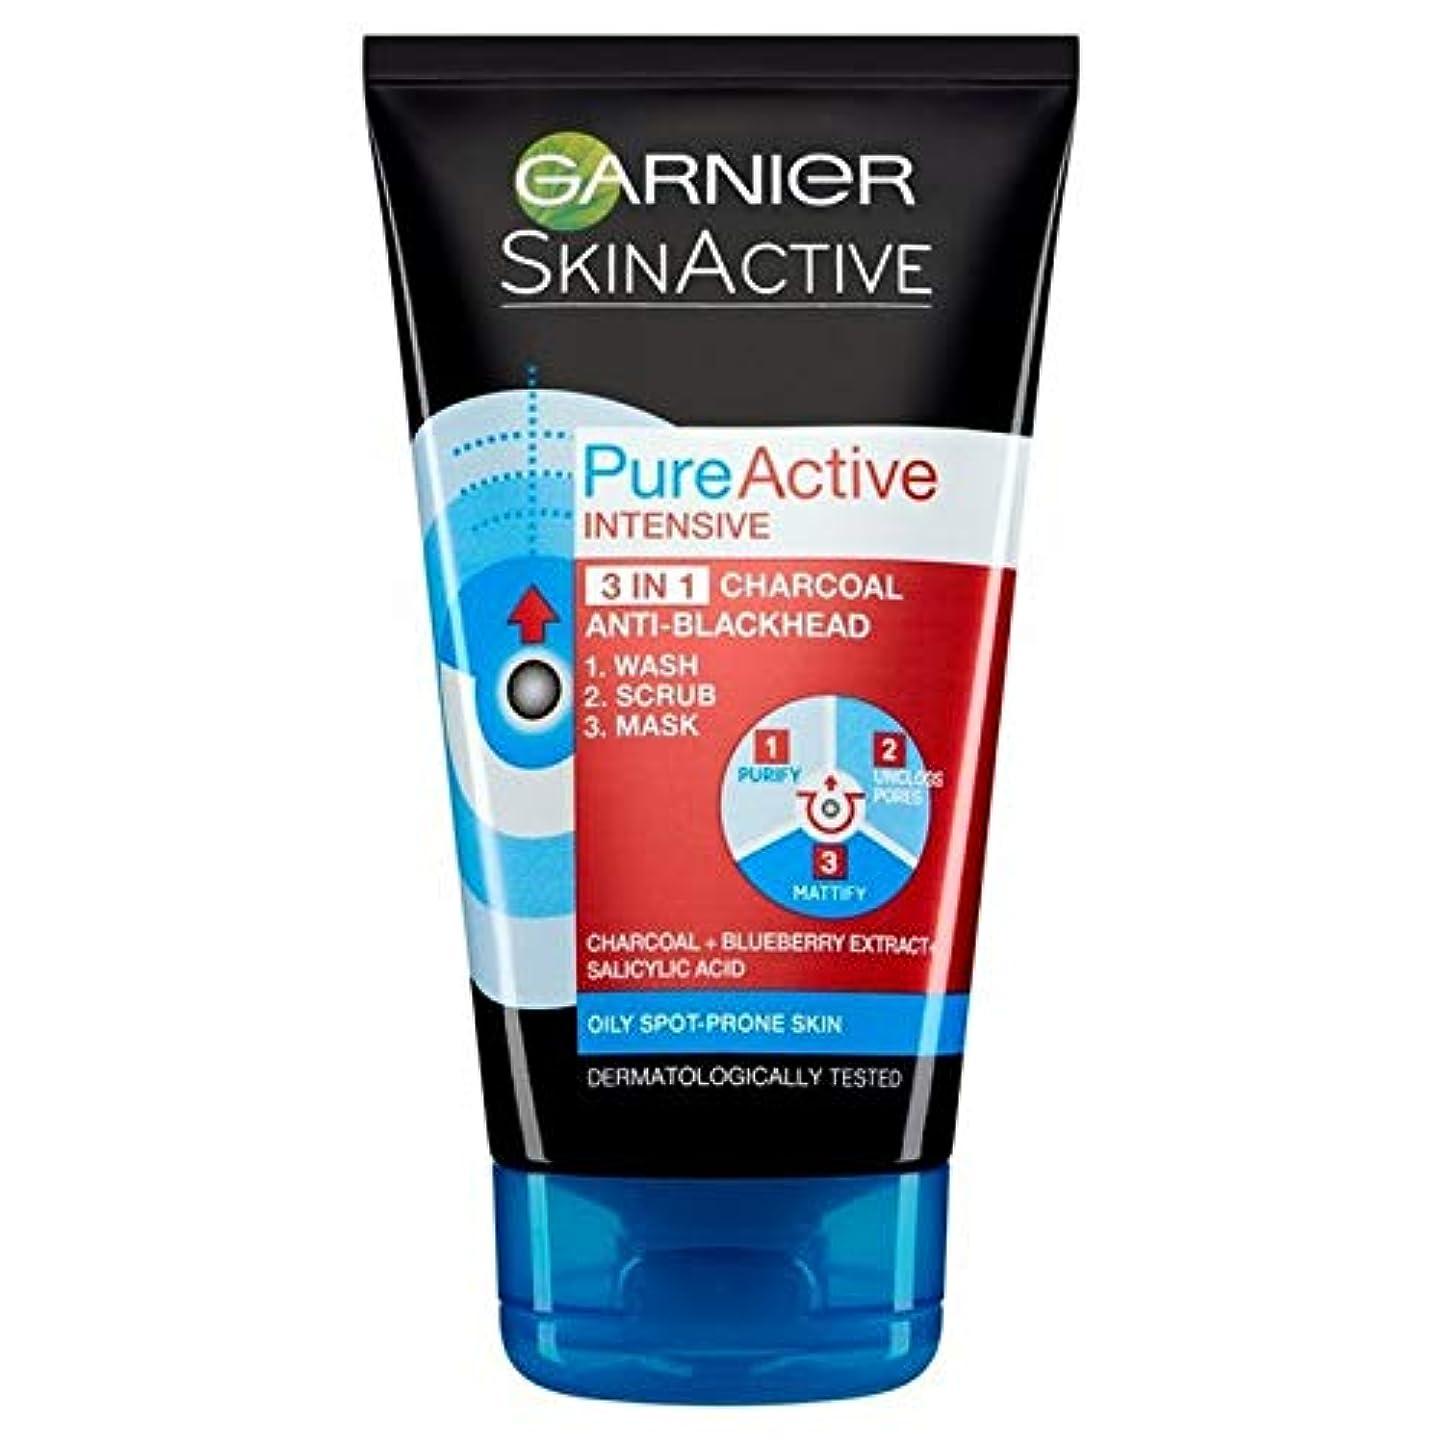 告発利益溶融[Garnier] 純粋な活性3In1の炭フェイスマスク、スクラブ?ウォッシュ150ミリリットル - Pure Active 3in1 Charcoal Face Mask, Scrub & Wash 150ml [並行輸入品]